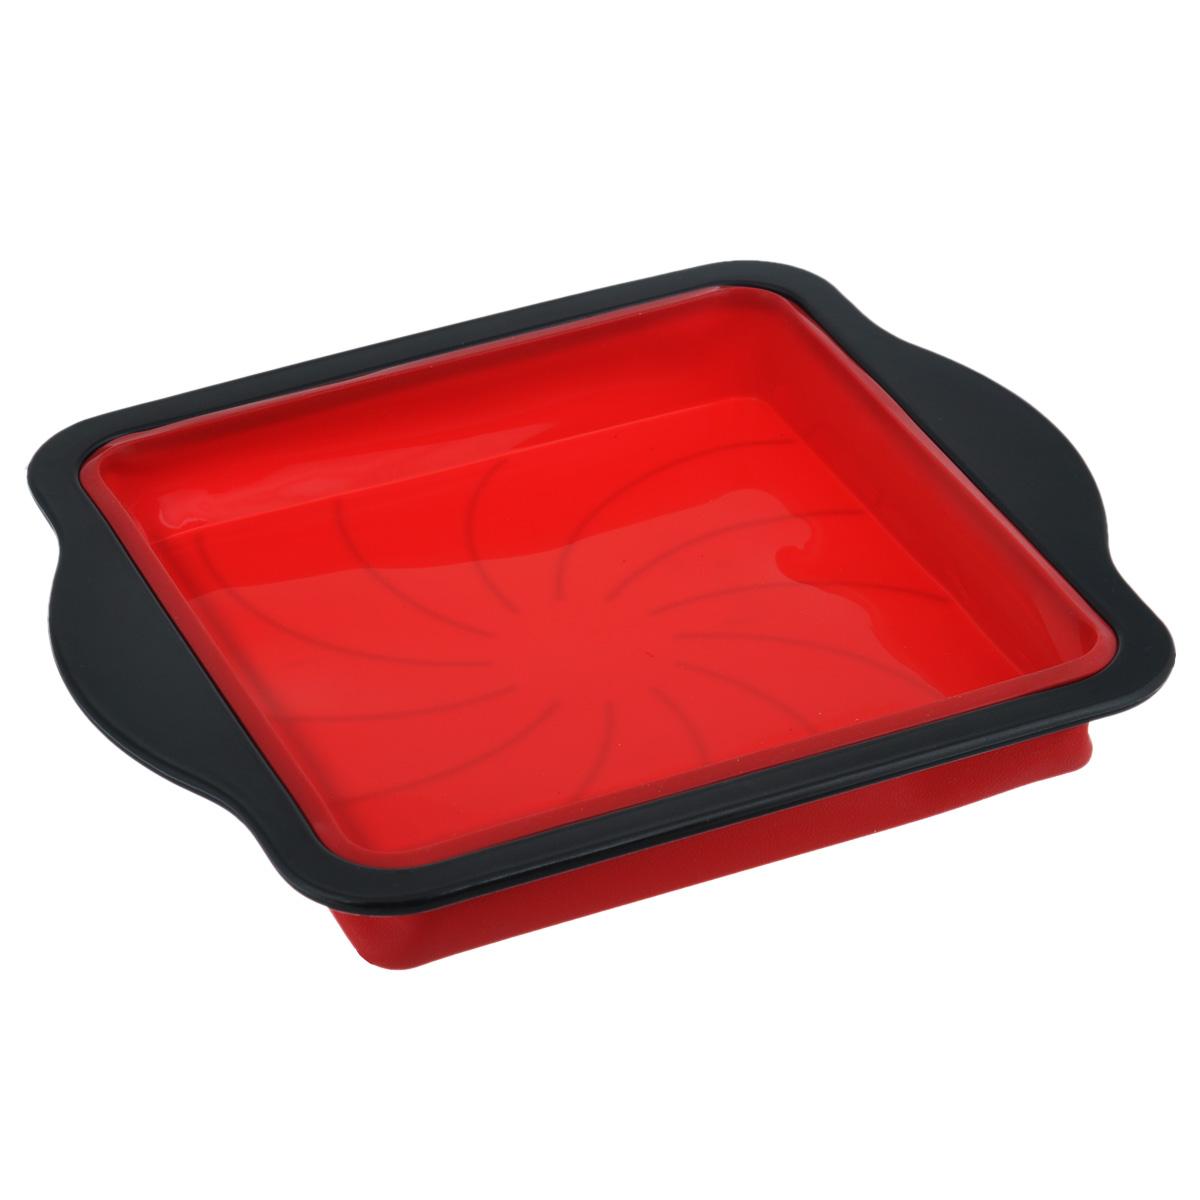 Форма для пирога Mayer & Boch, квадратная, цвет: черный, красный, 32,5 см х 28 см4125Форма для пирога Mayer & Boch изготовлена из высококачественного пищевого силикона. Благодаря пластиковому ободу с удобными ручками изделие легко вынимать из духовки. Форма идеально подходит для приготовления пирогов и других блюд. Выдерживает температуру до +230°C. Форма для запекания Mayer & Boch подходит для приготовления блюд в духовке. Можно мыть в посудомоечной машине.